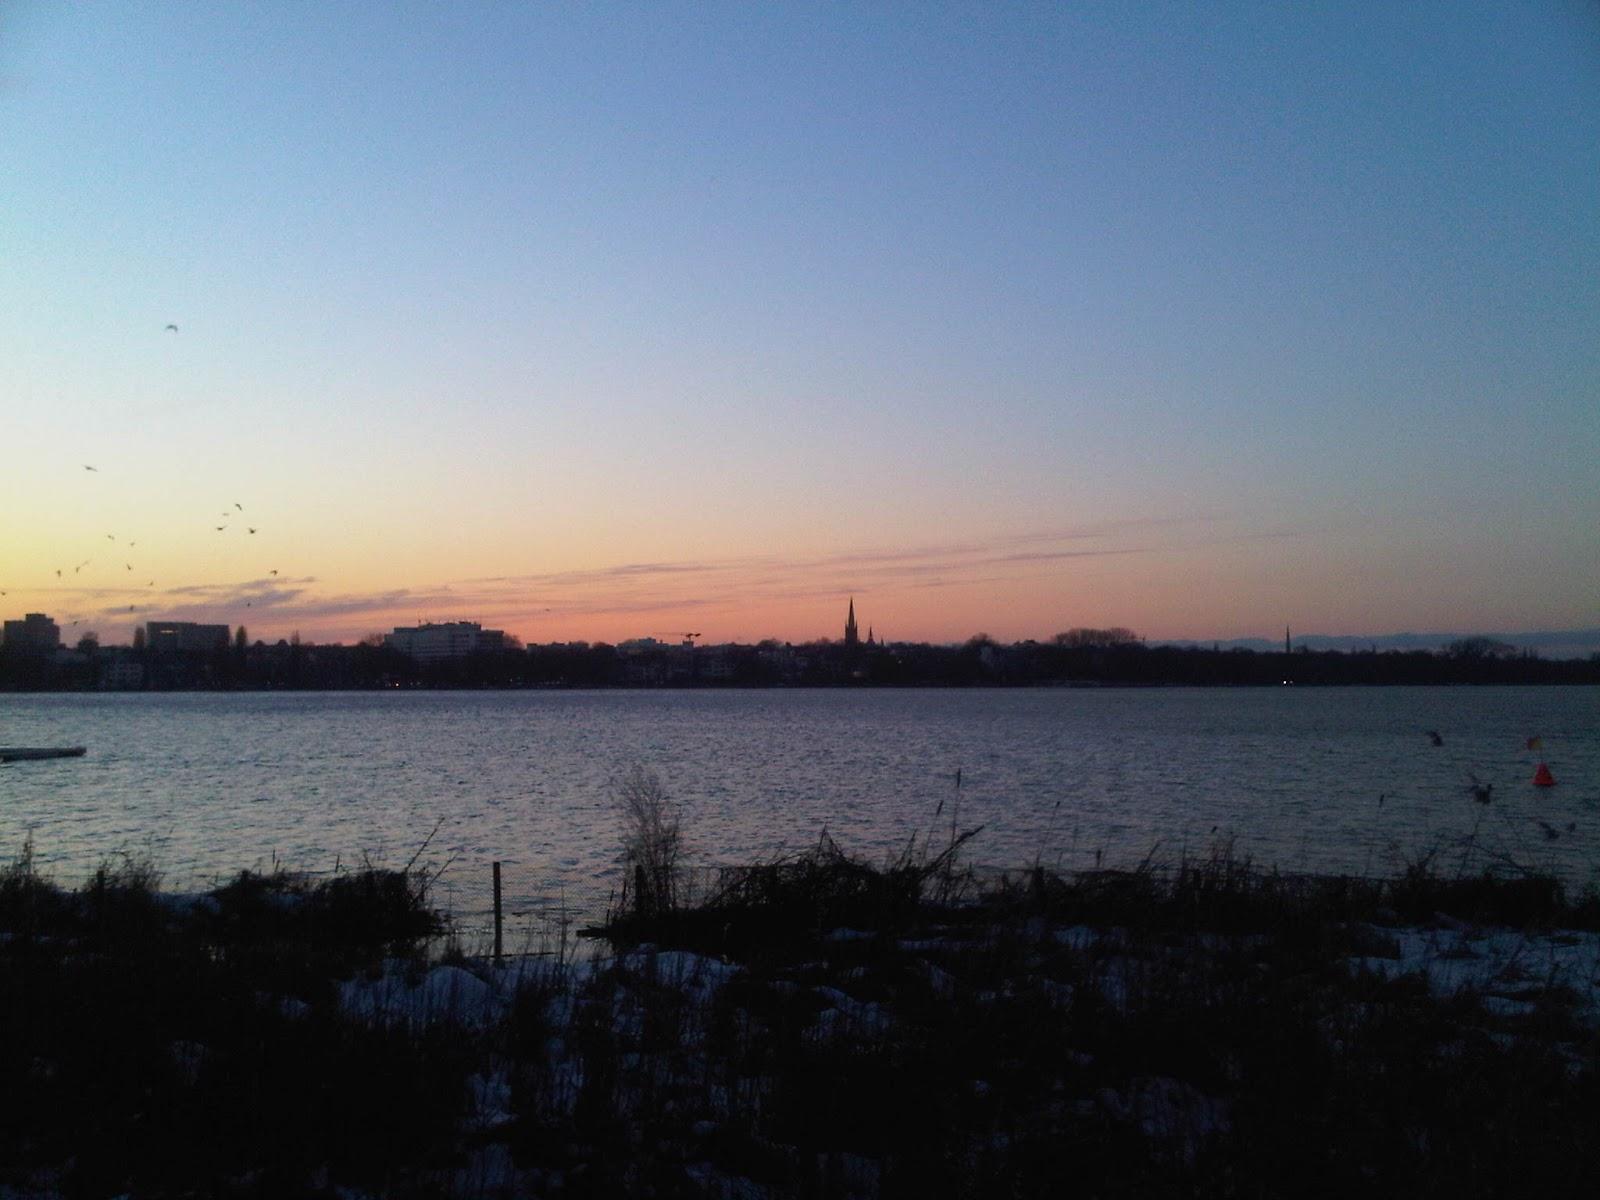 Blick bei Sonnenuntergang über die Alster. Büsche im Vordergrund, Wasser, Silhuette eines Kirchturmes.